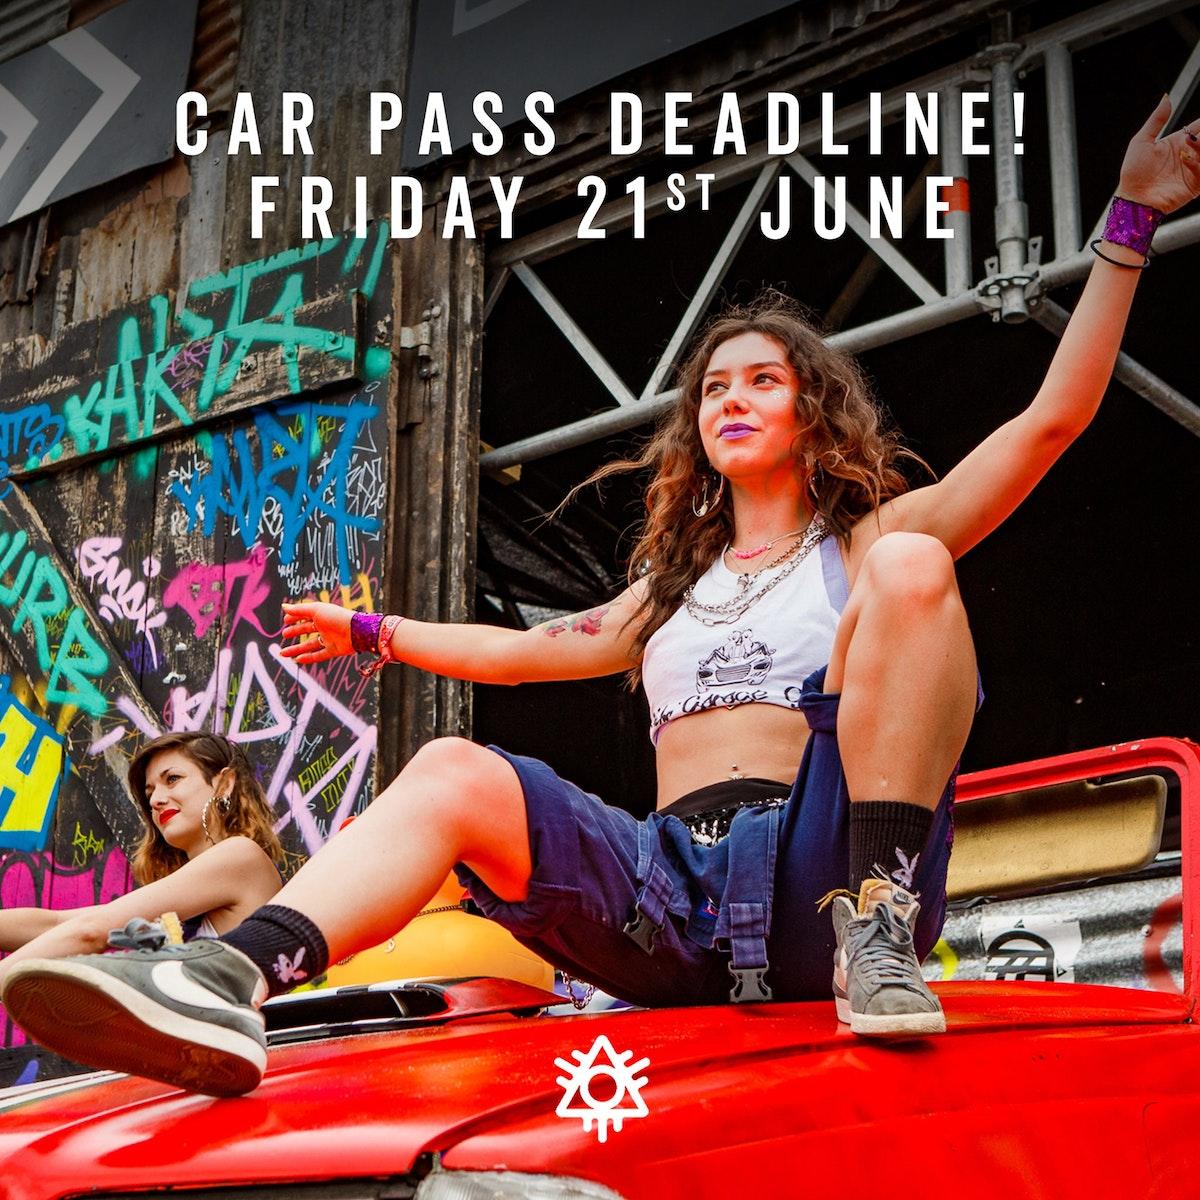 Car Pass Update